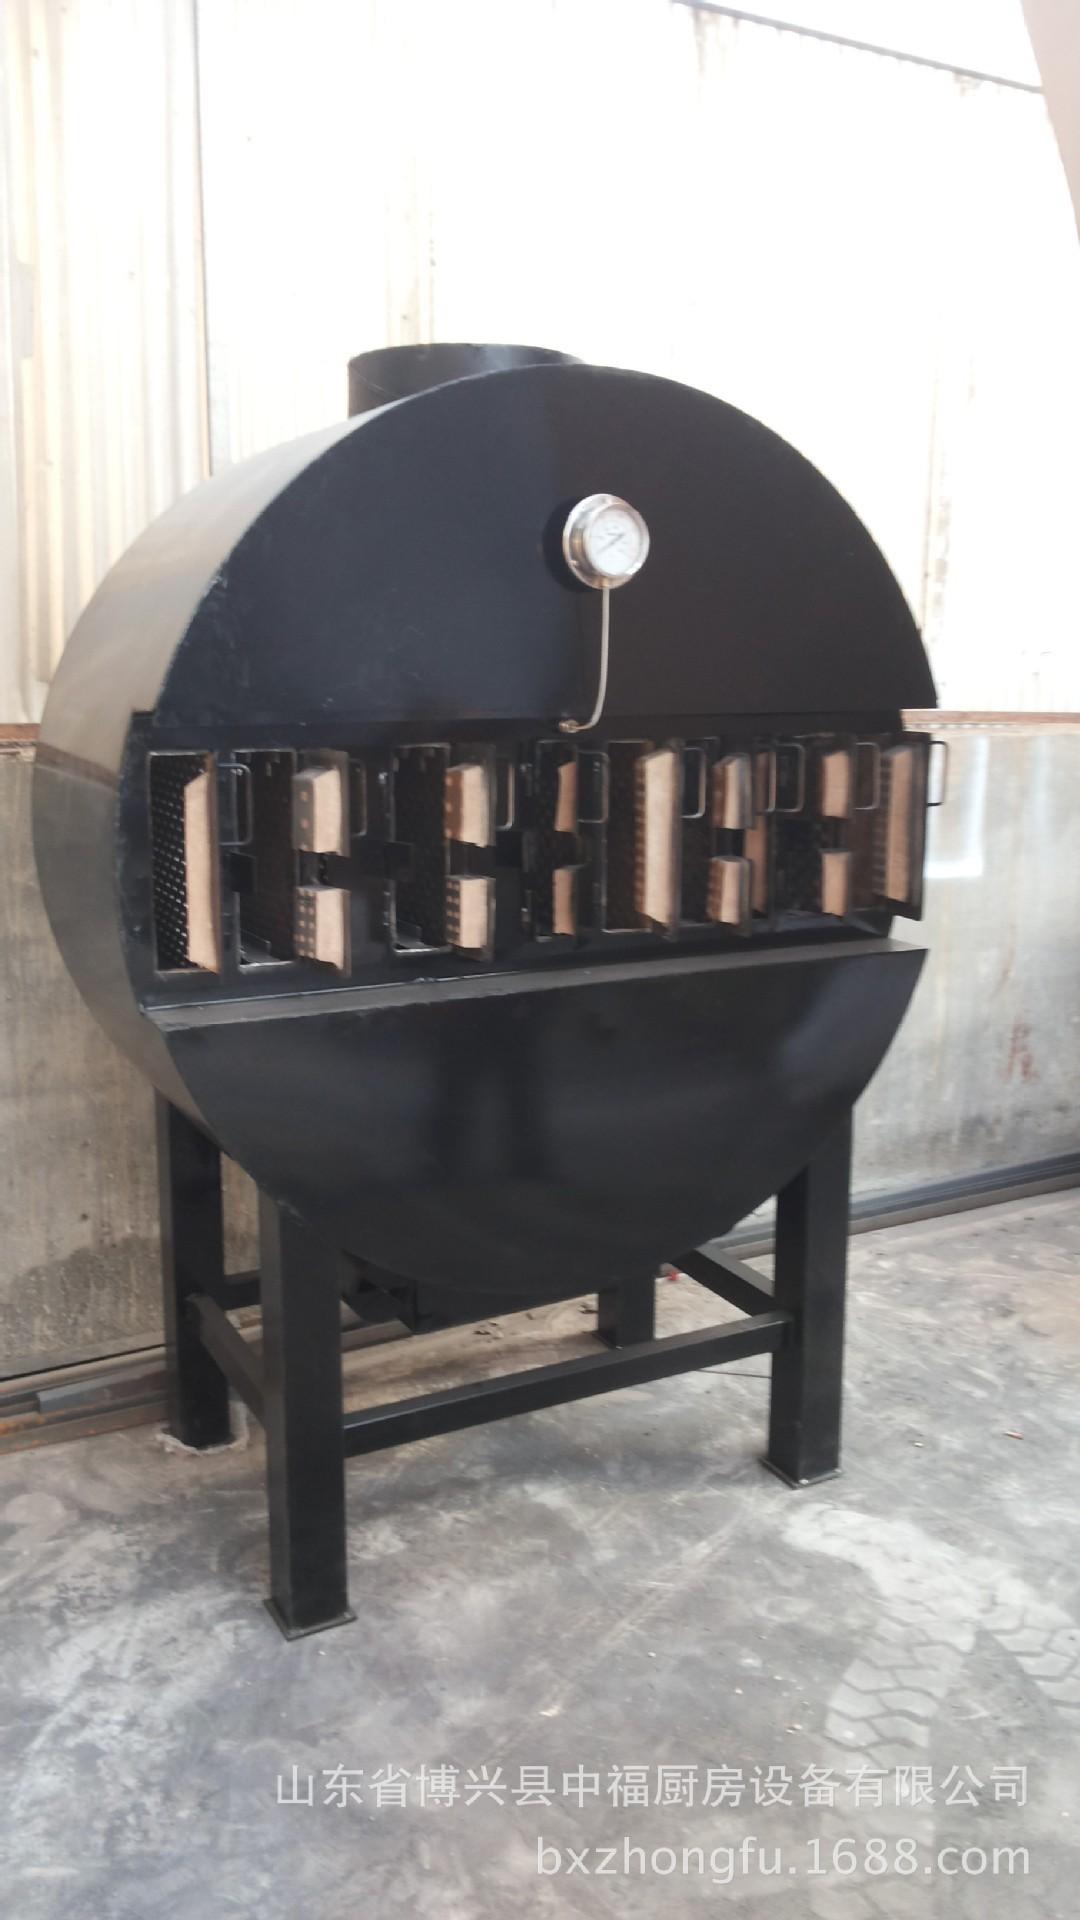 多功能大型烤鱼炉